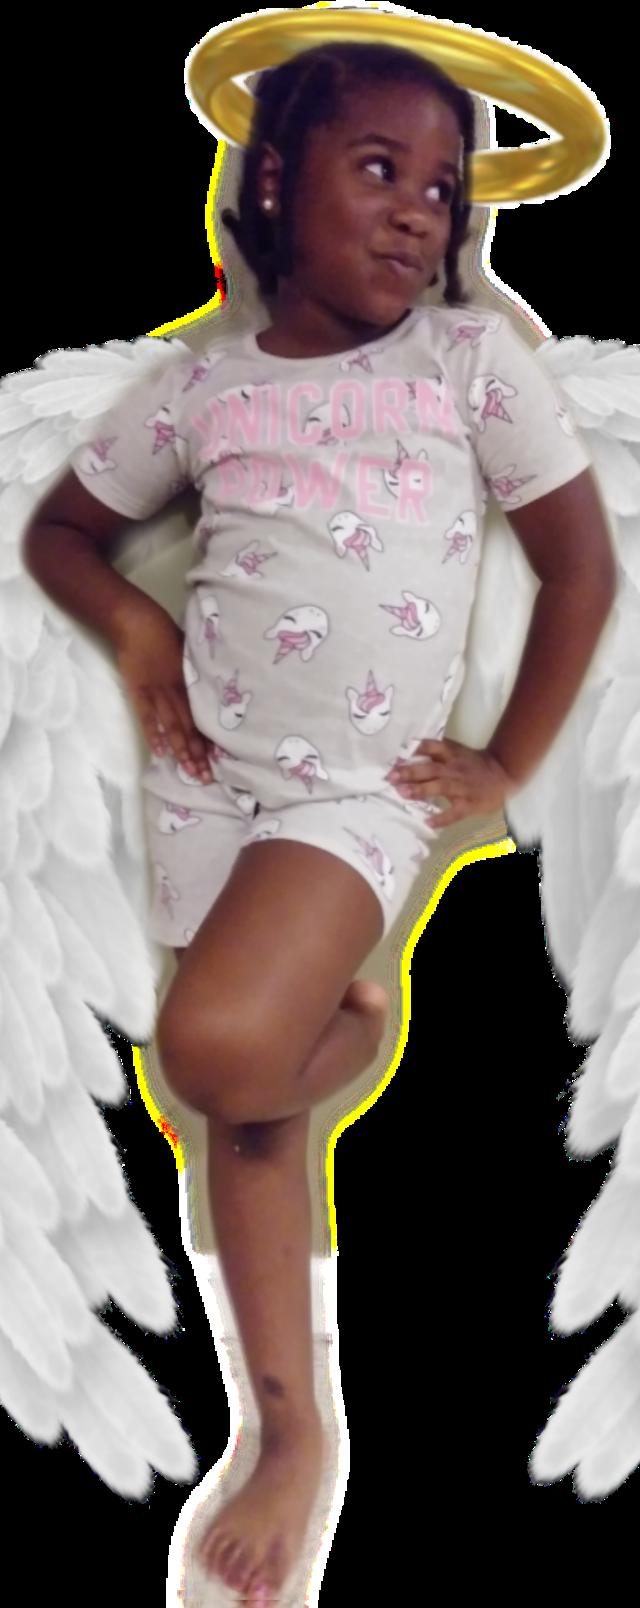 #myangel